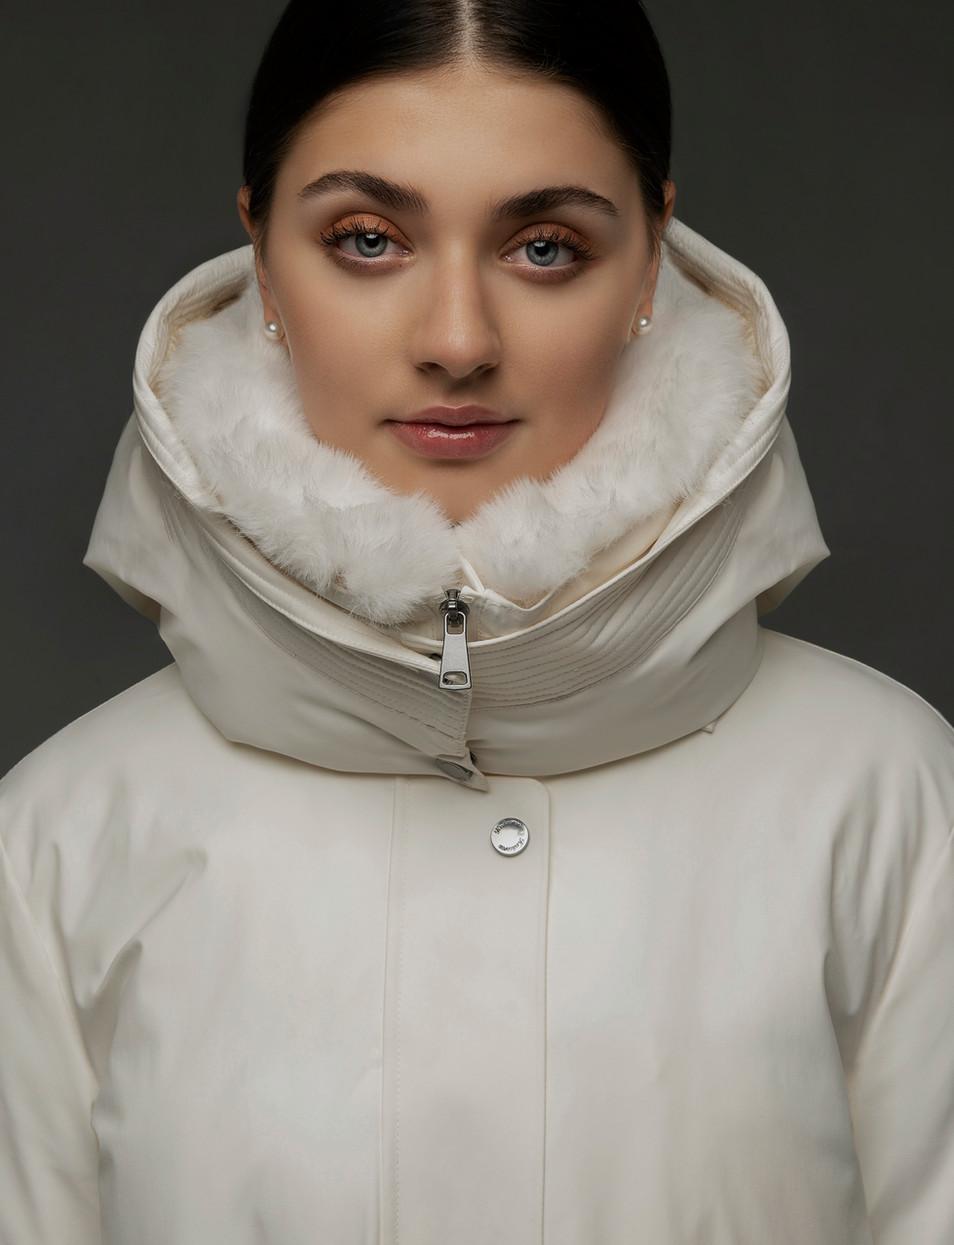 Fashion Kommerz